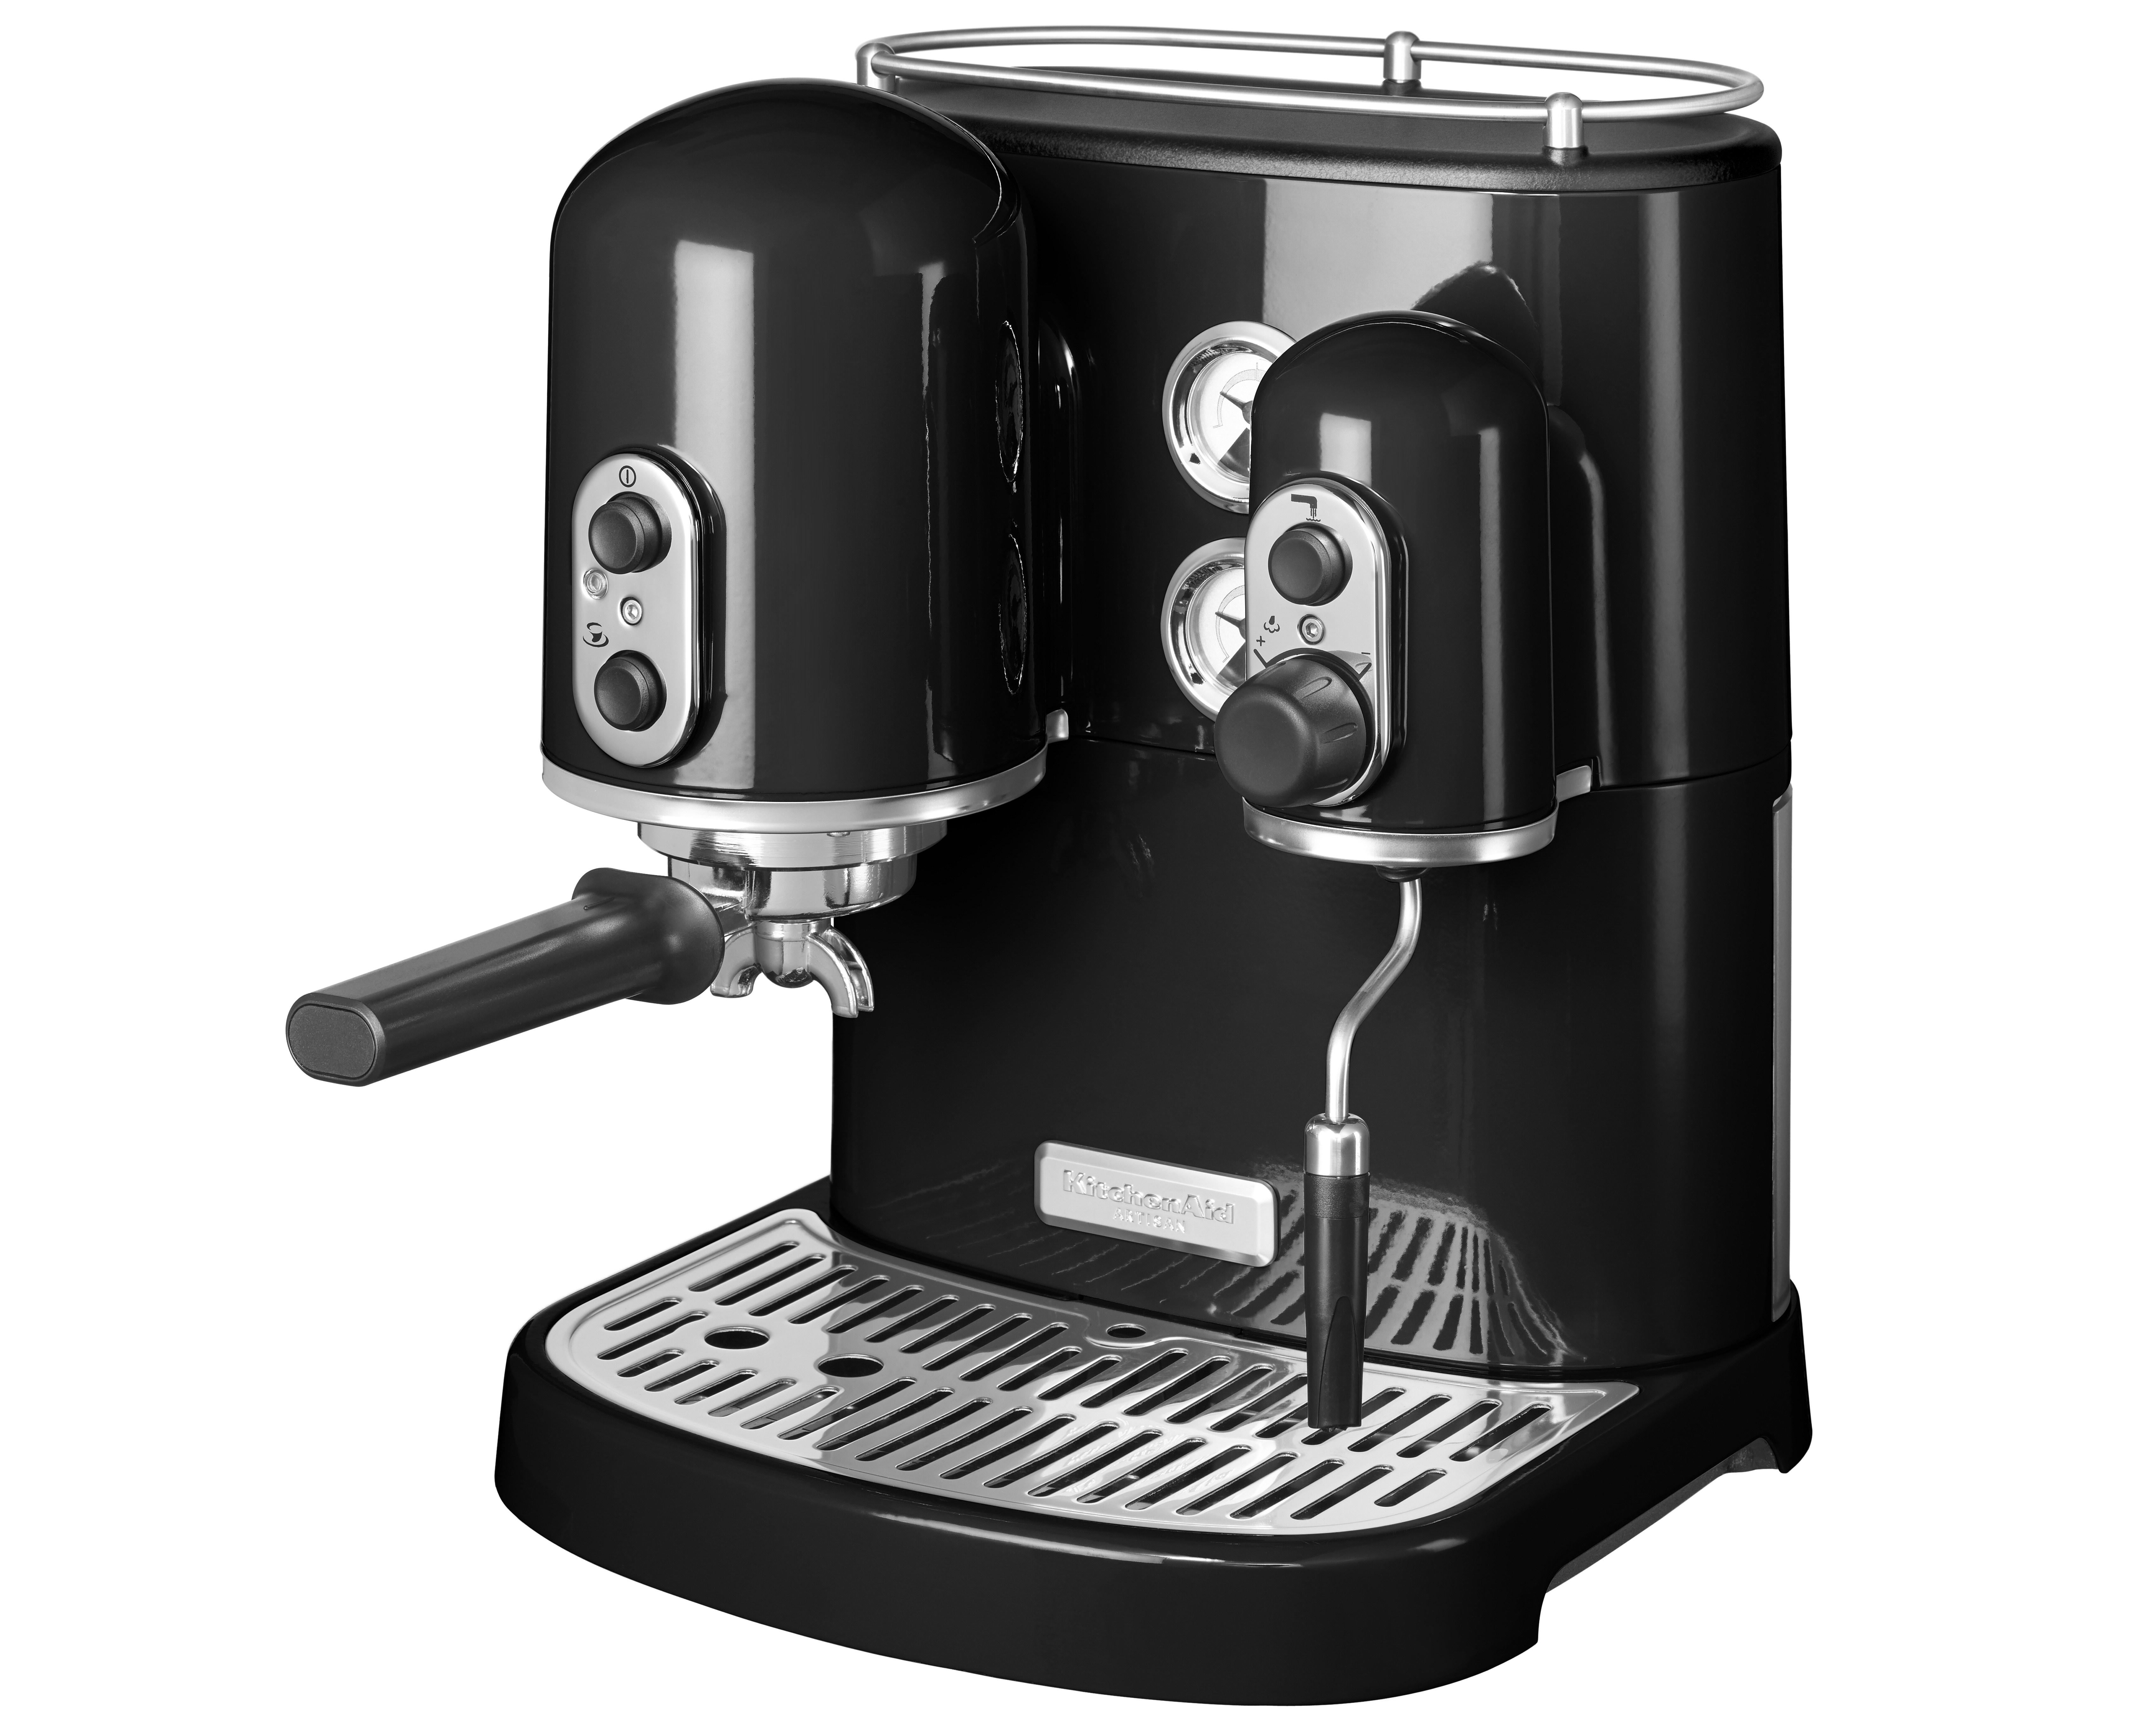 KA Artisan Espressomaskin Svart